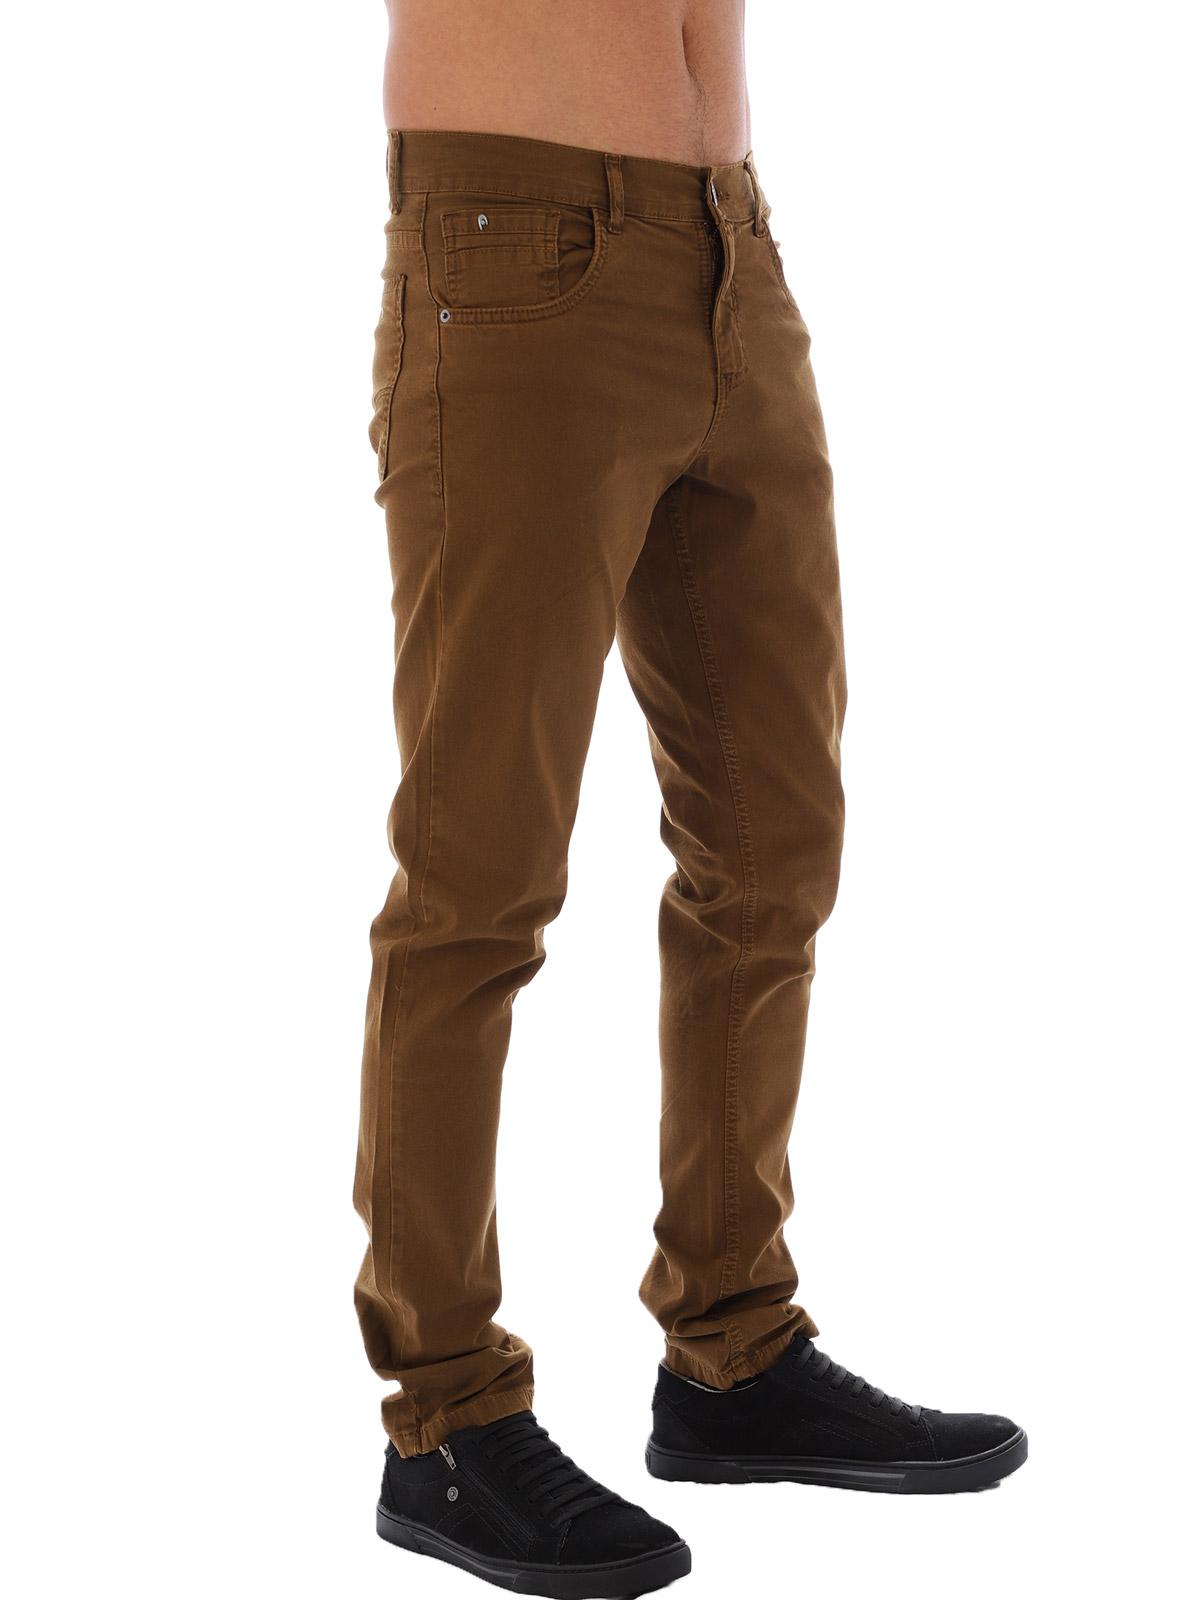 Calça Masculina de Sarja com Elastano Anistia Caramelo